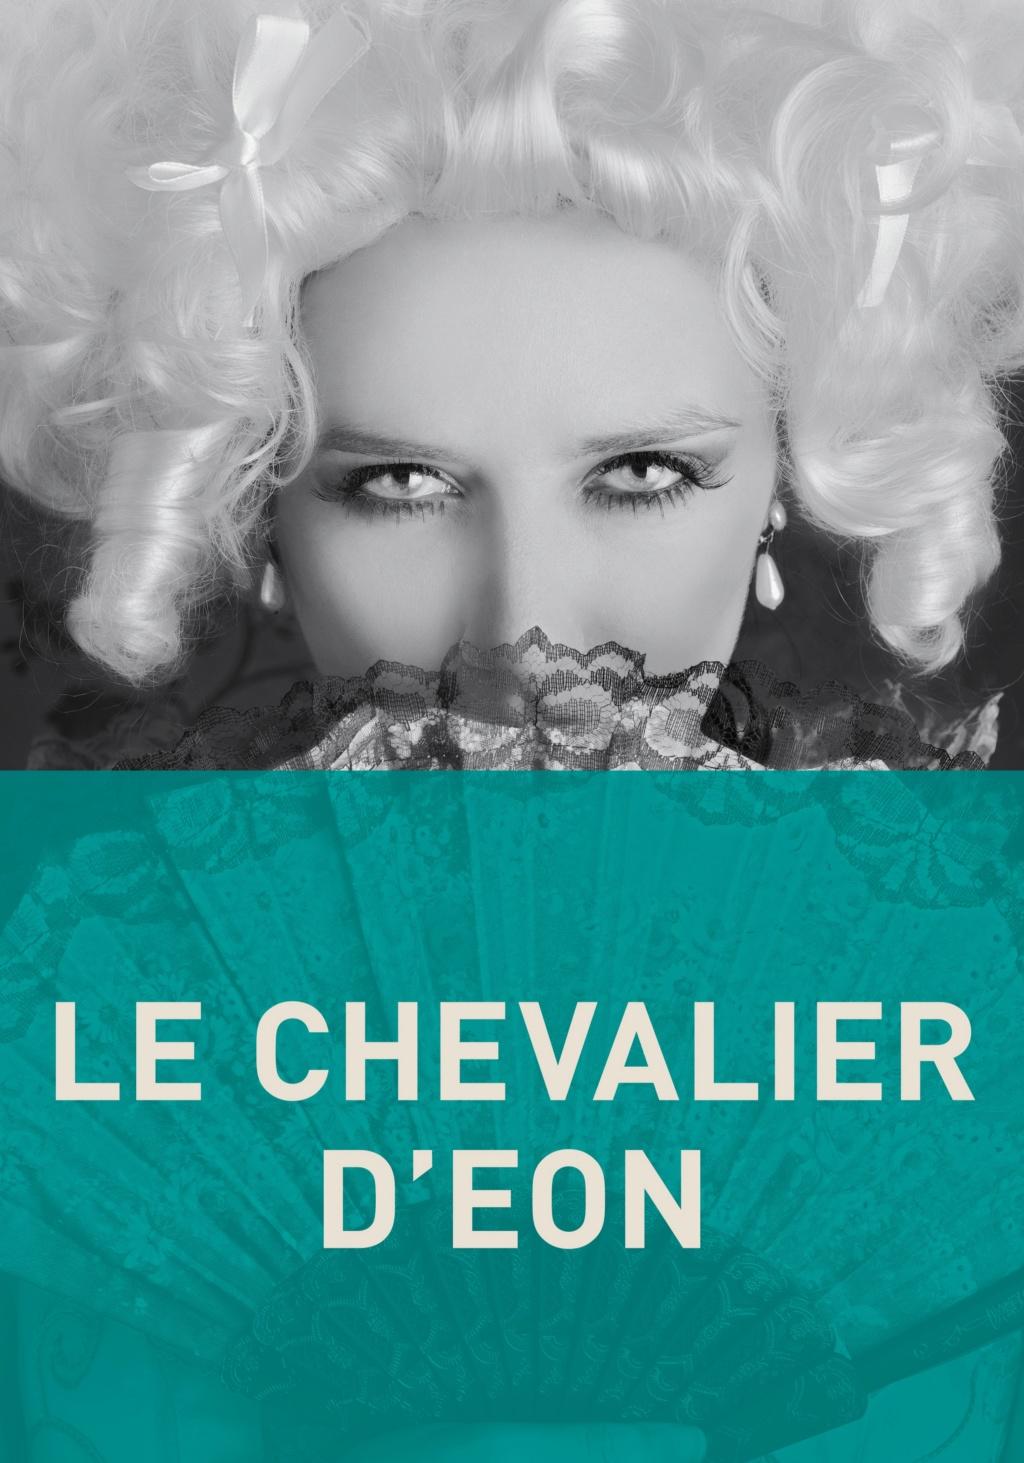 Le Chevalier d'Eon à Bruxelles B2368010